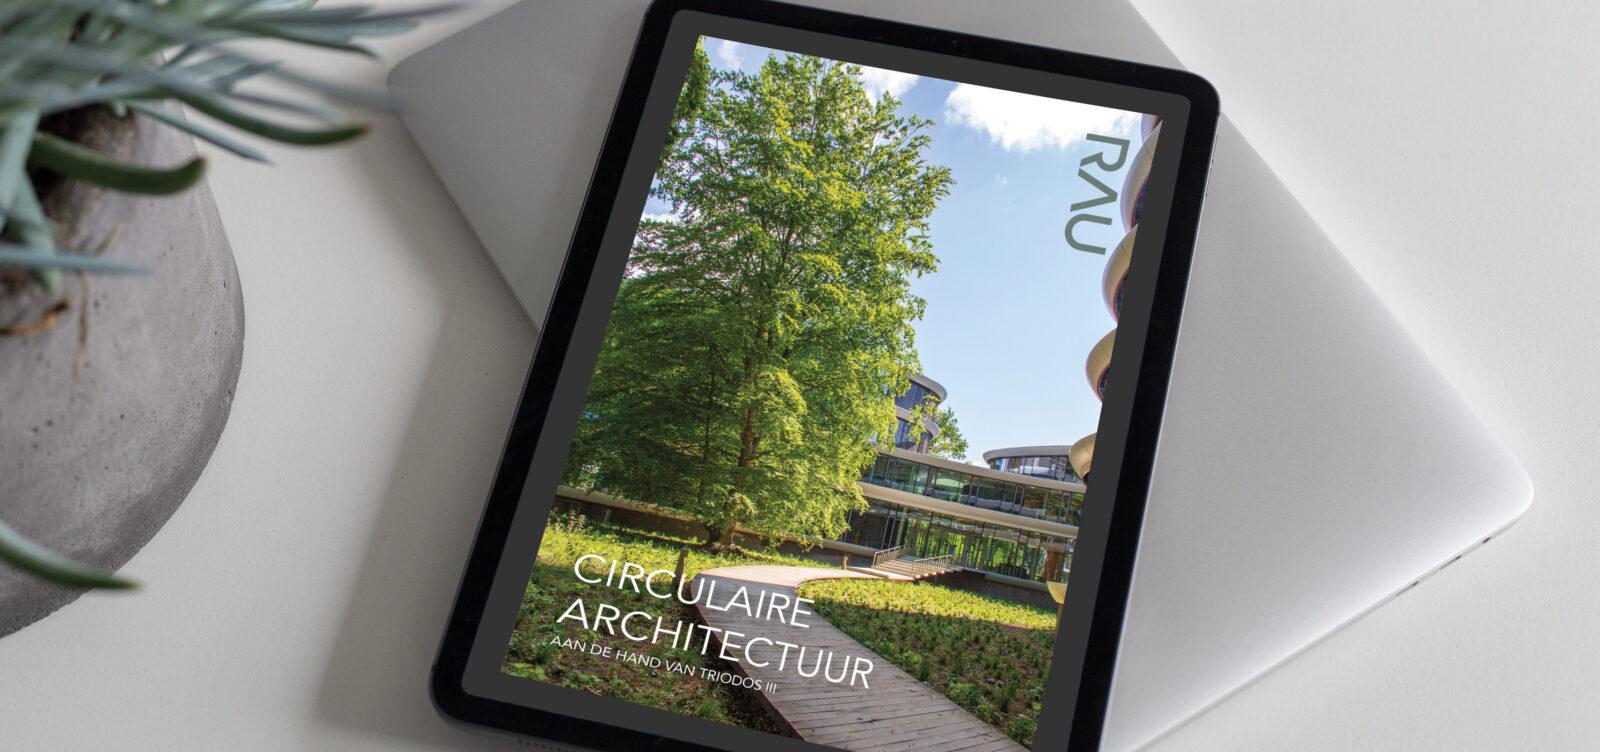 Foto met iPad waarop de omslag van het RAU lookbook over circulaire architectuur te zien is